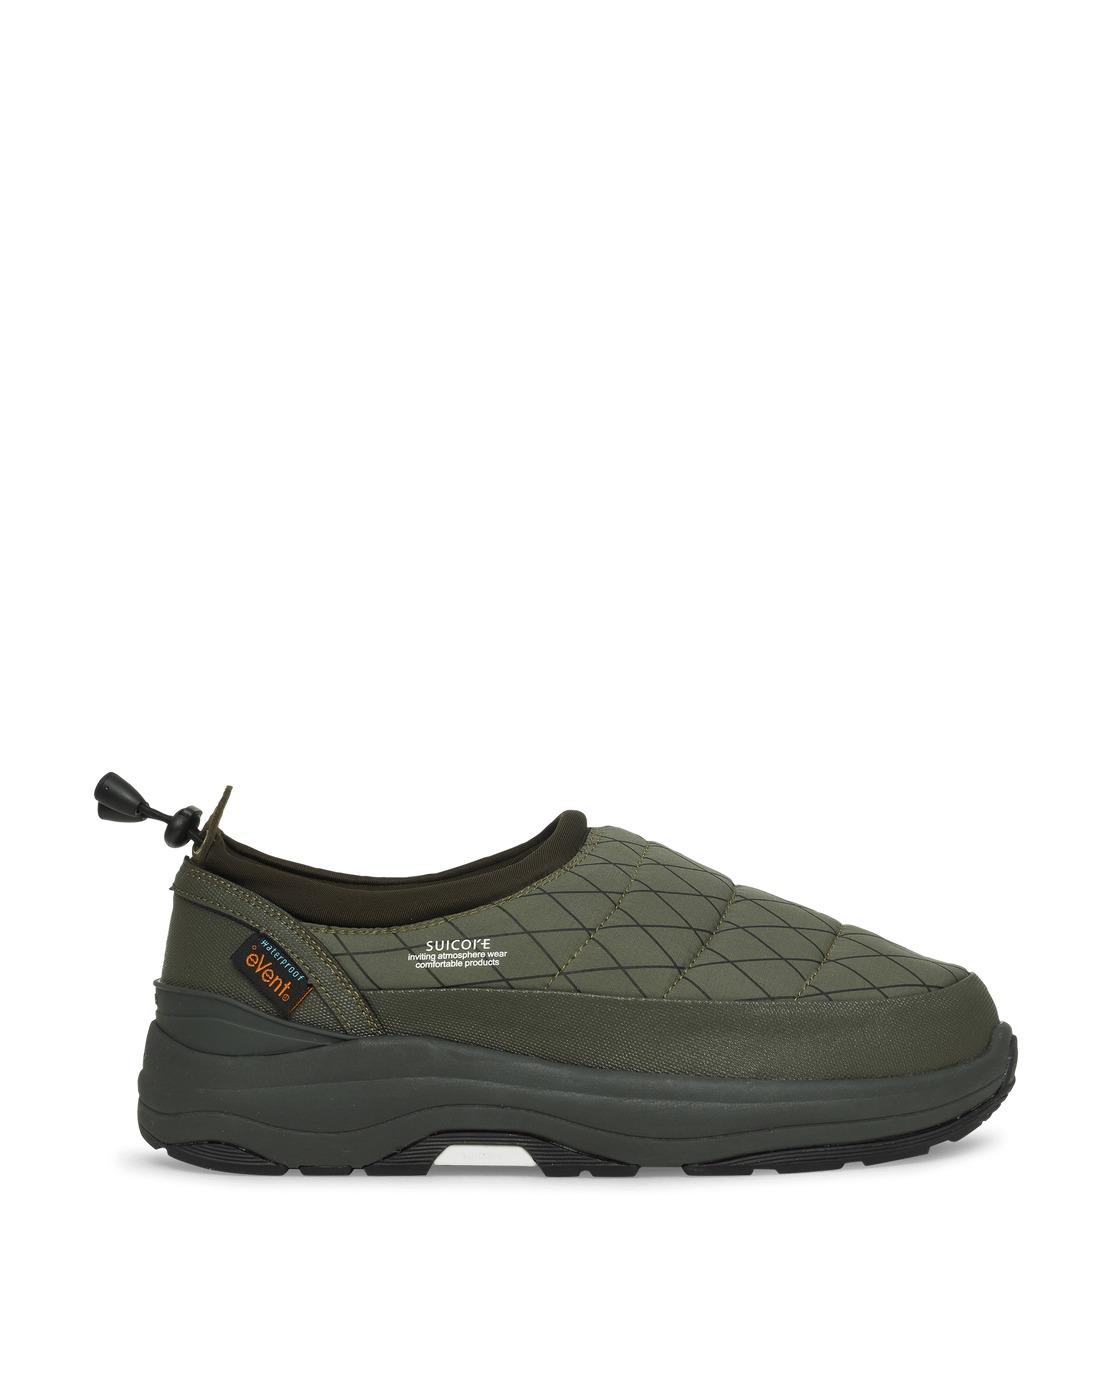 Photo: Suicoke Pepper Evab Pt1 Shoes Olive